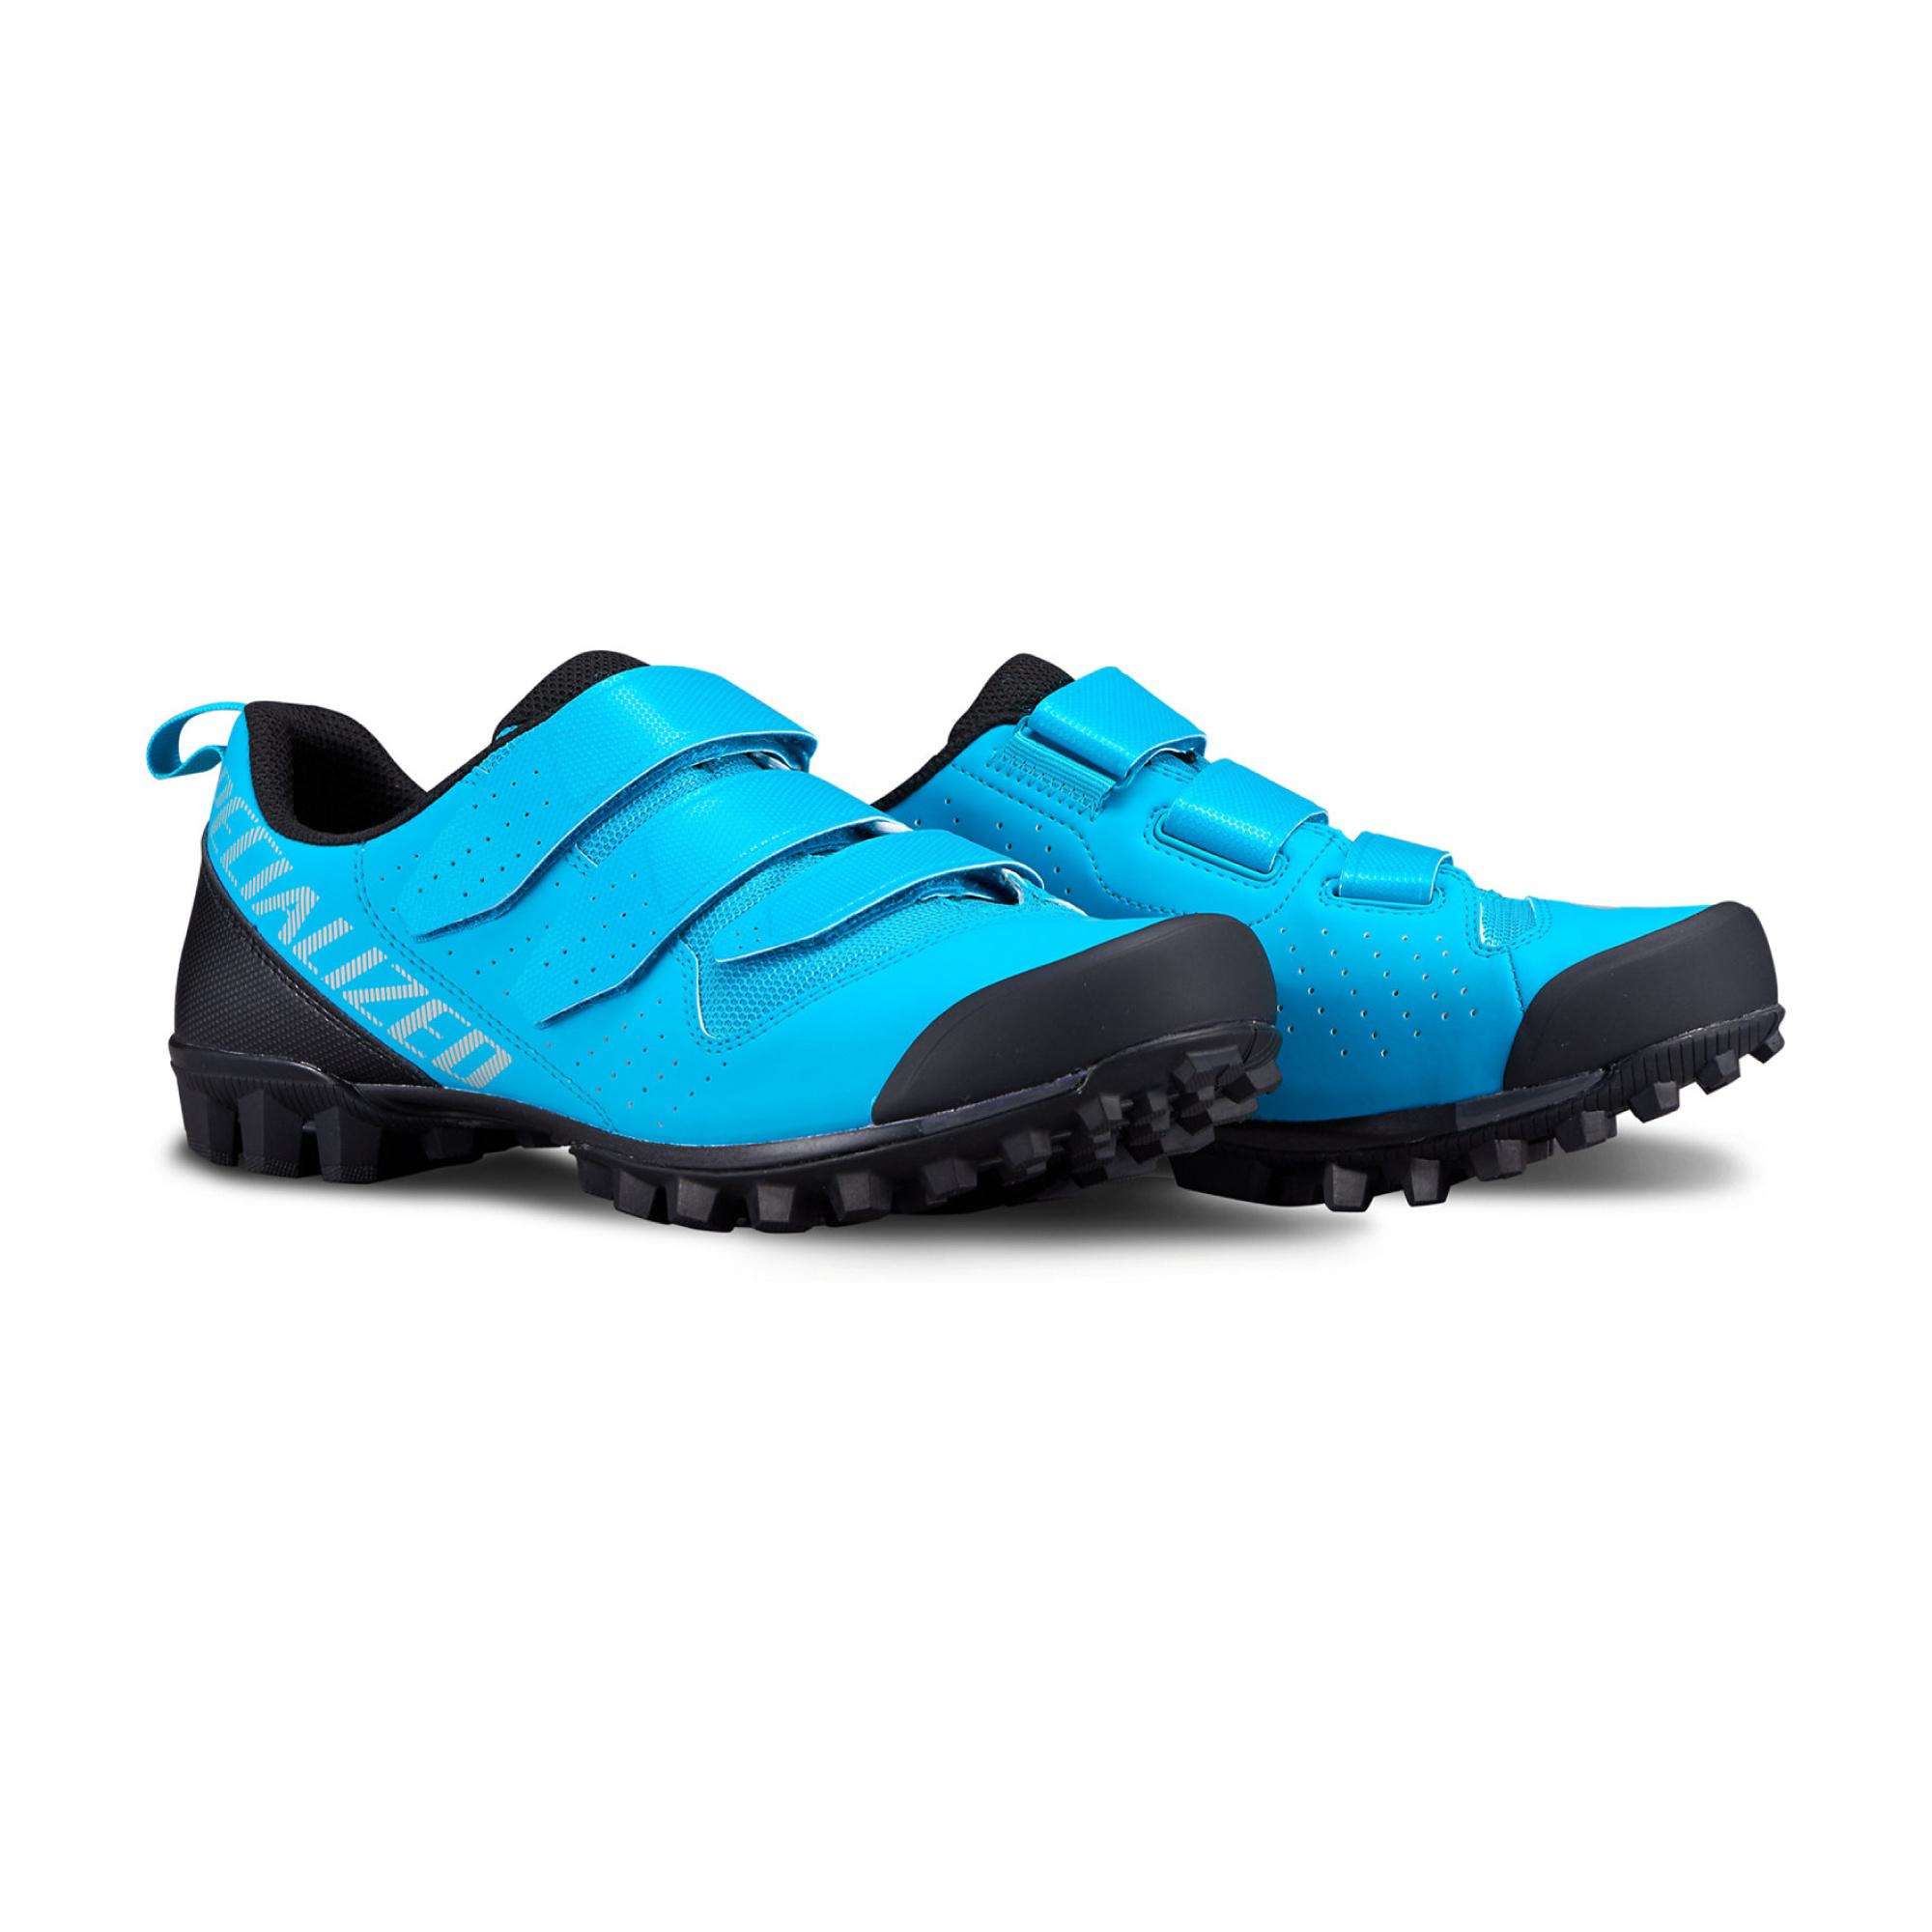 Recon 1.0 MTB Shoe-10